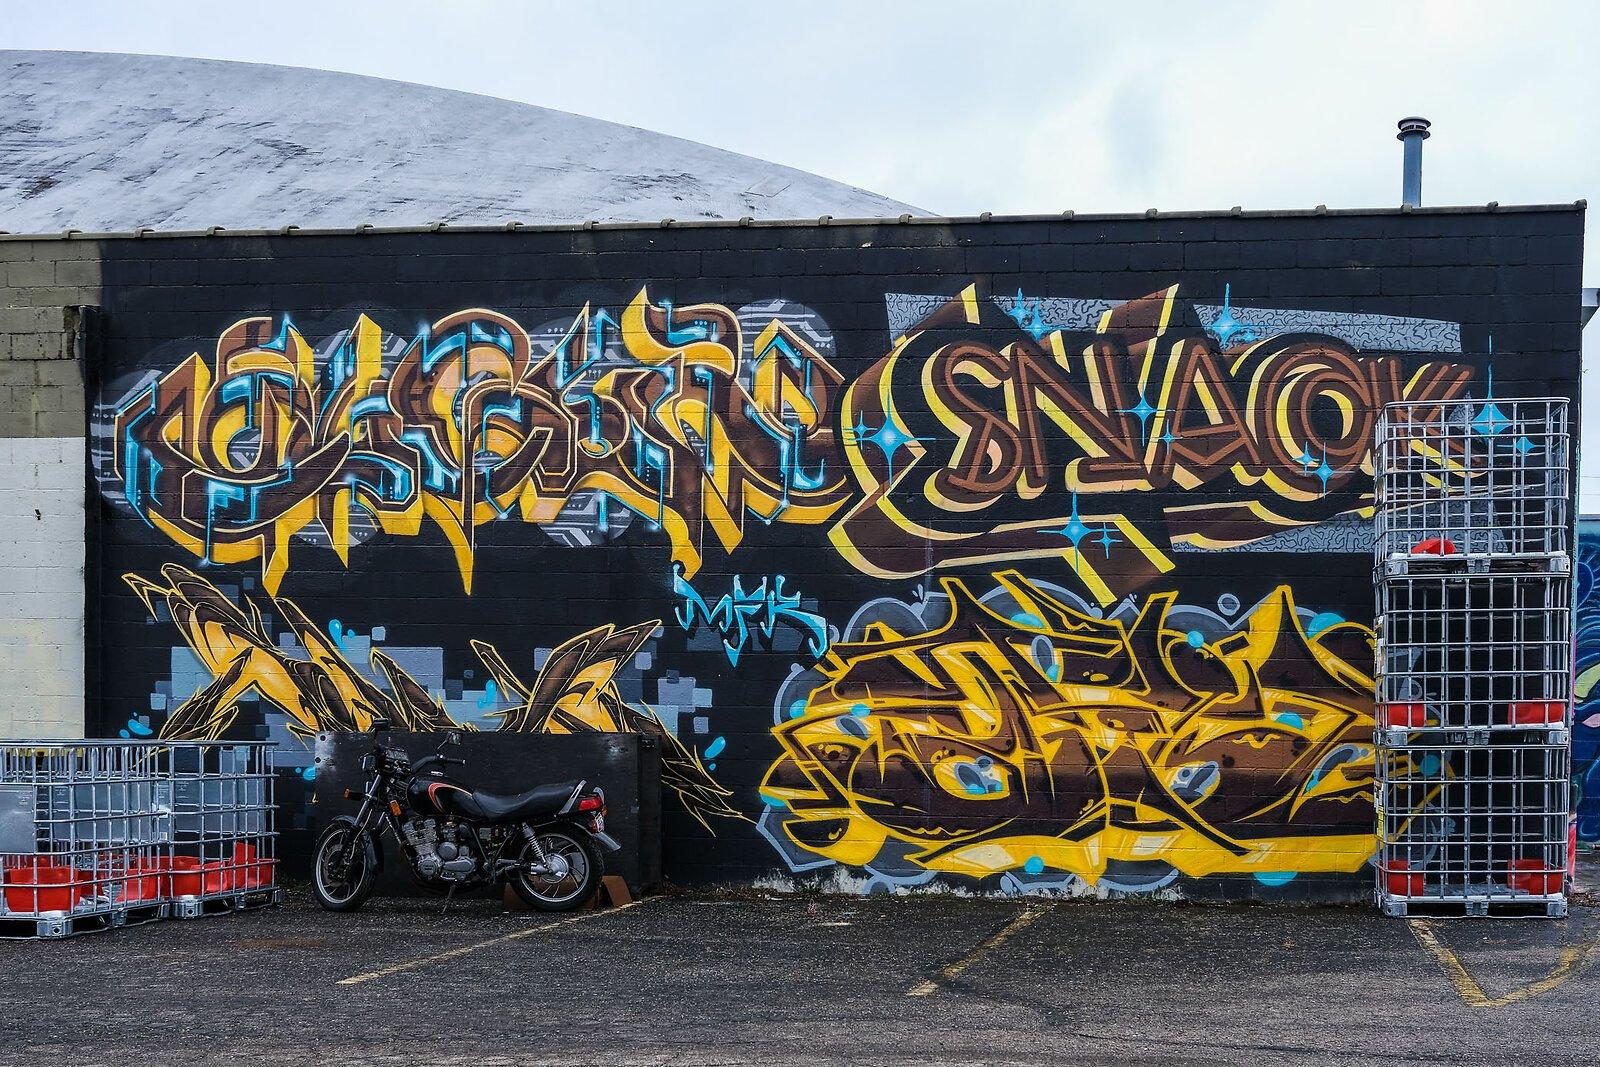 01-03-2021_graffiti_XT030461.jpg